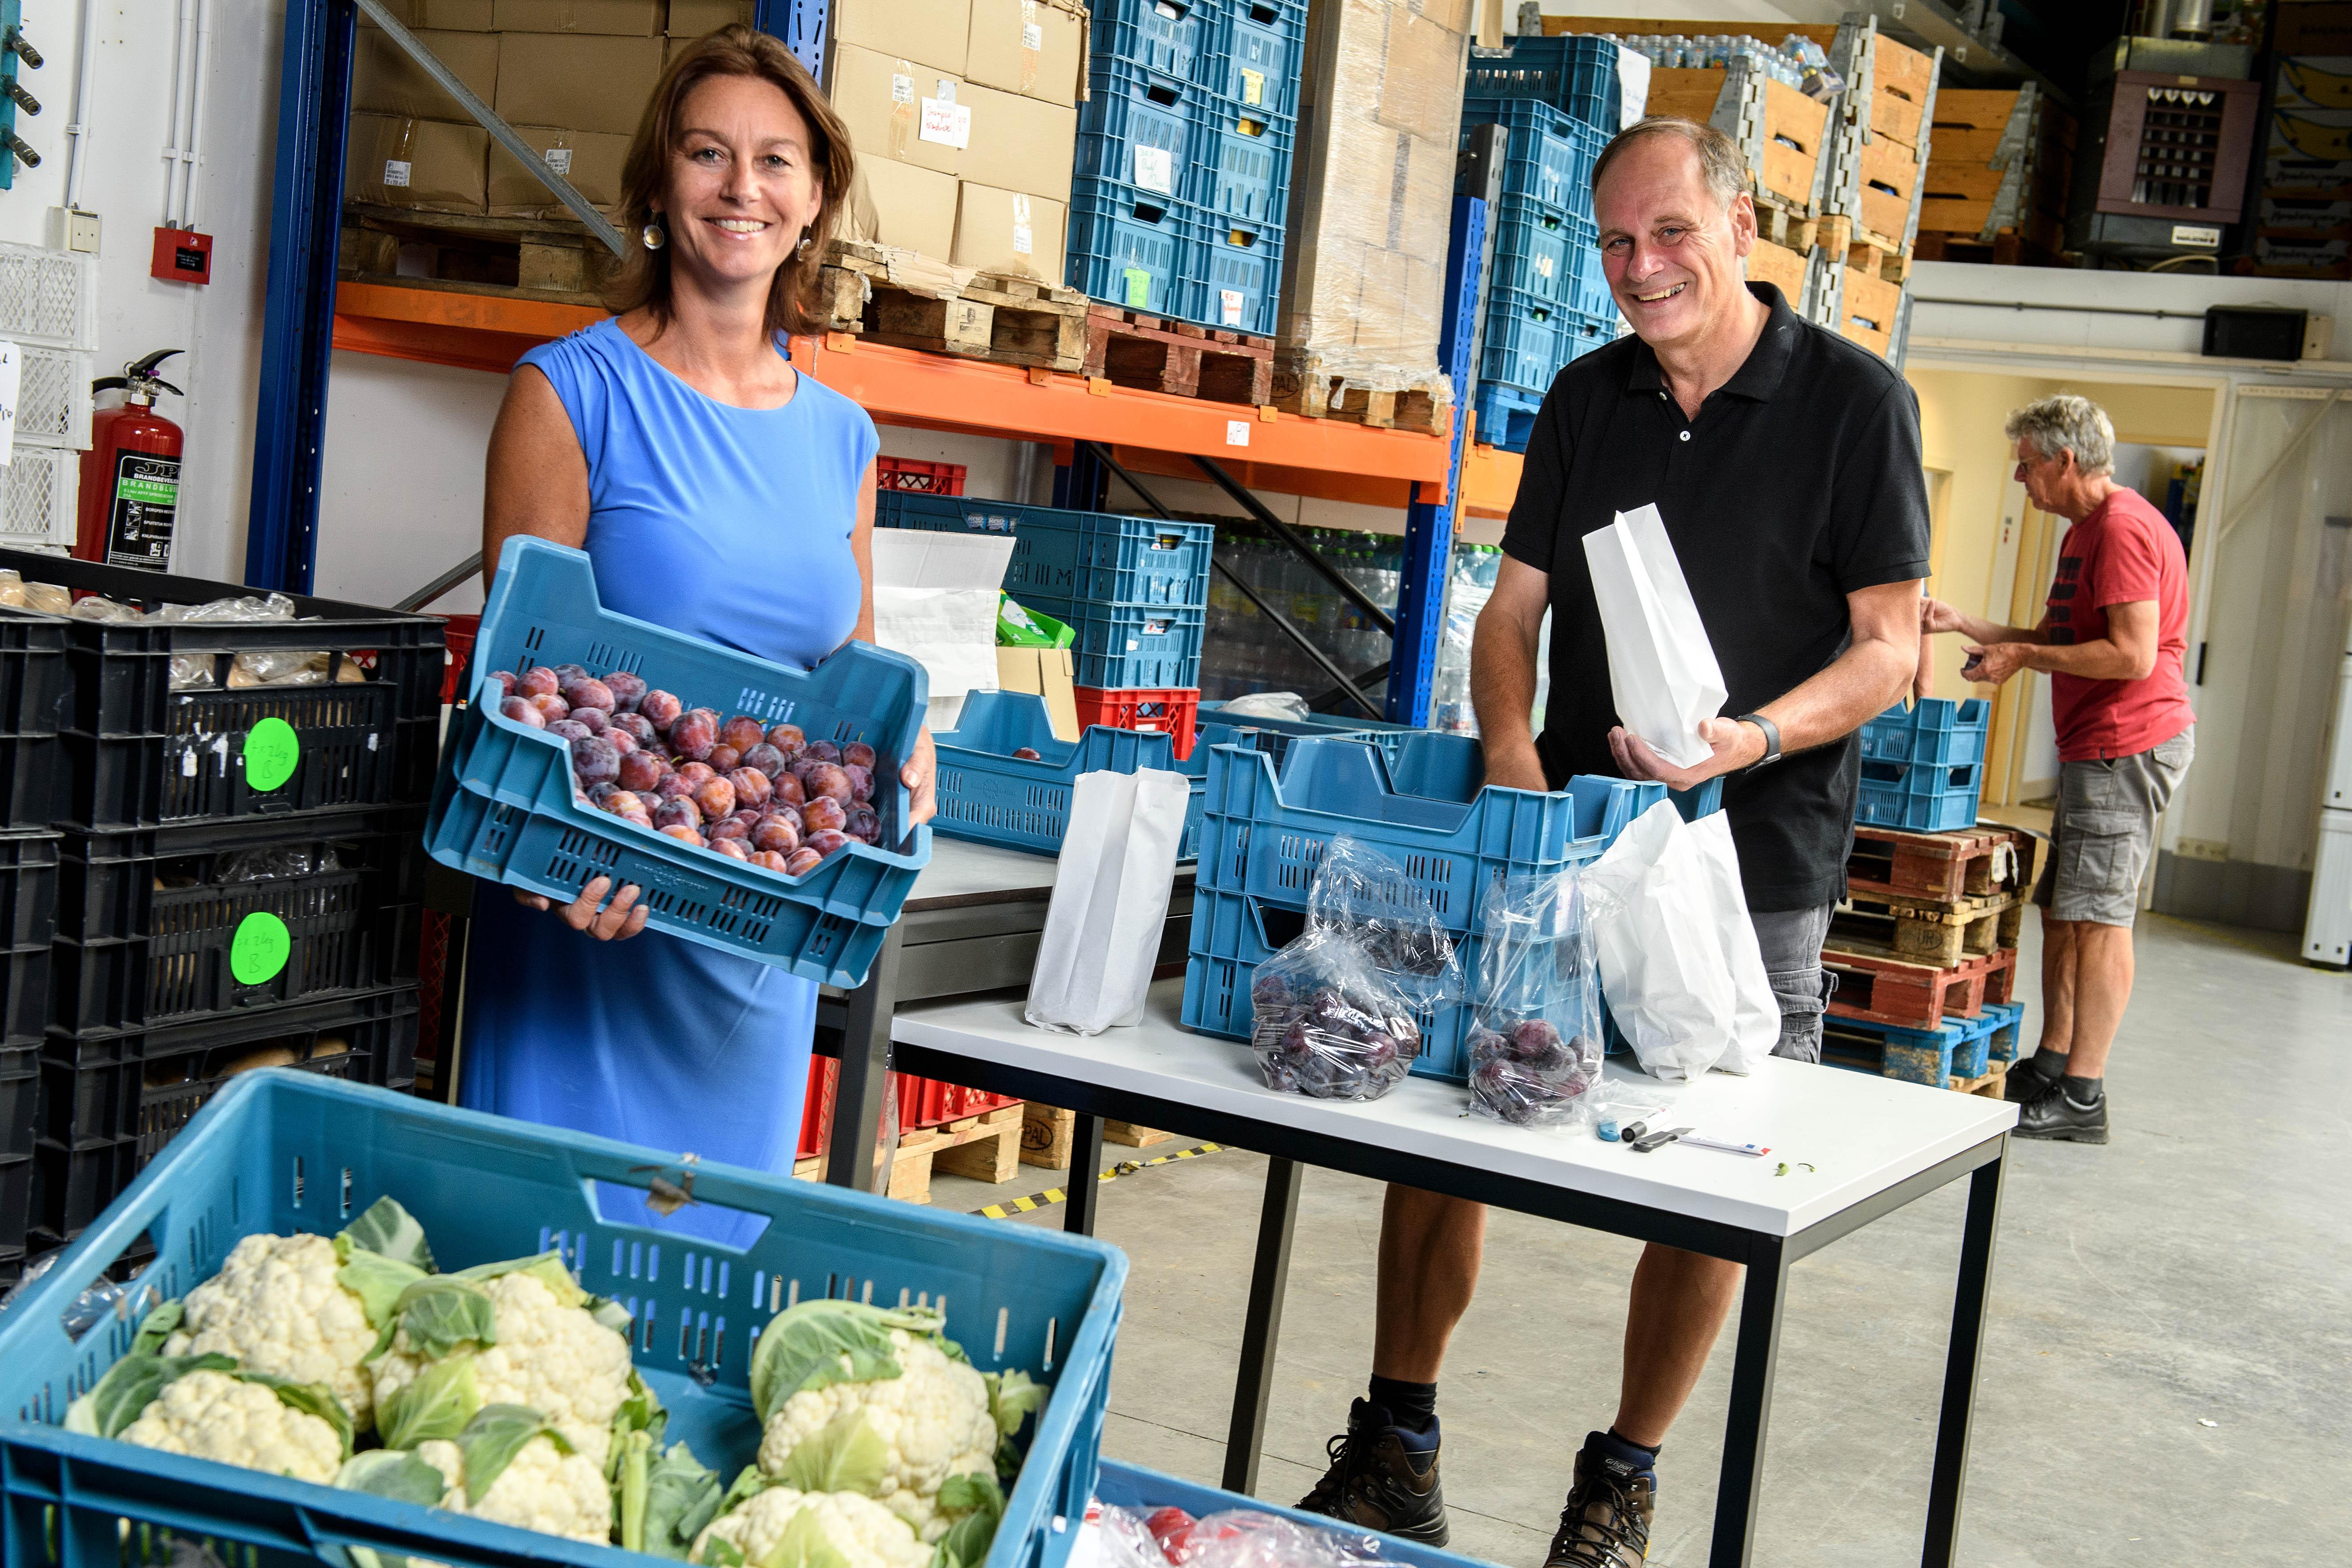 'Blij met fruit, dat kunnen we niet vaak aanbieden'; Zaanse Voedselbank krijgt na noodkreet welkome steun in de rug van de Rabobank, maar zoekt nog wel dringend vijftig vrijwilligers voor grote inzamelingsdag op 29 augustus